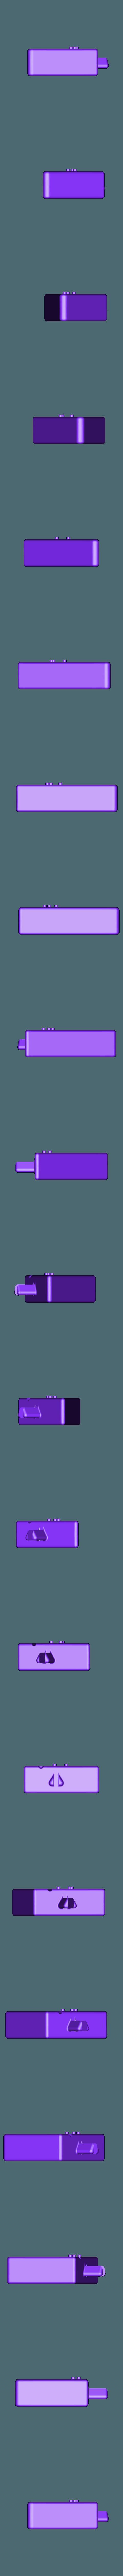 M.stl Télécharger fichier STL gratuit Mouse Fittle Puzzle • Plan à imprimer en 3D, Fittle